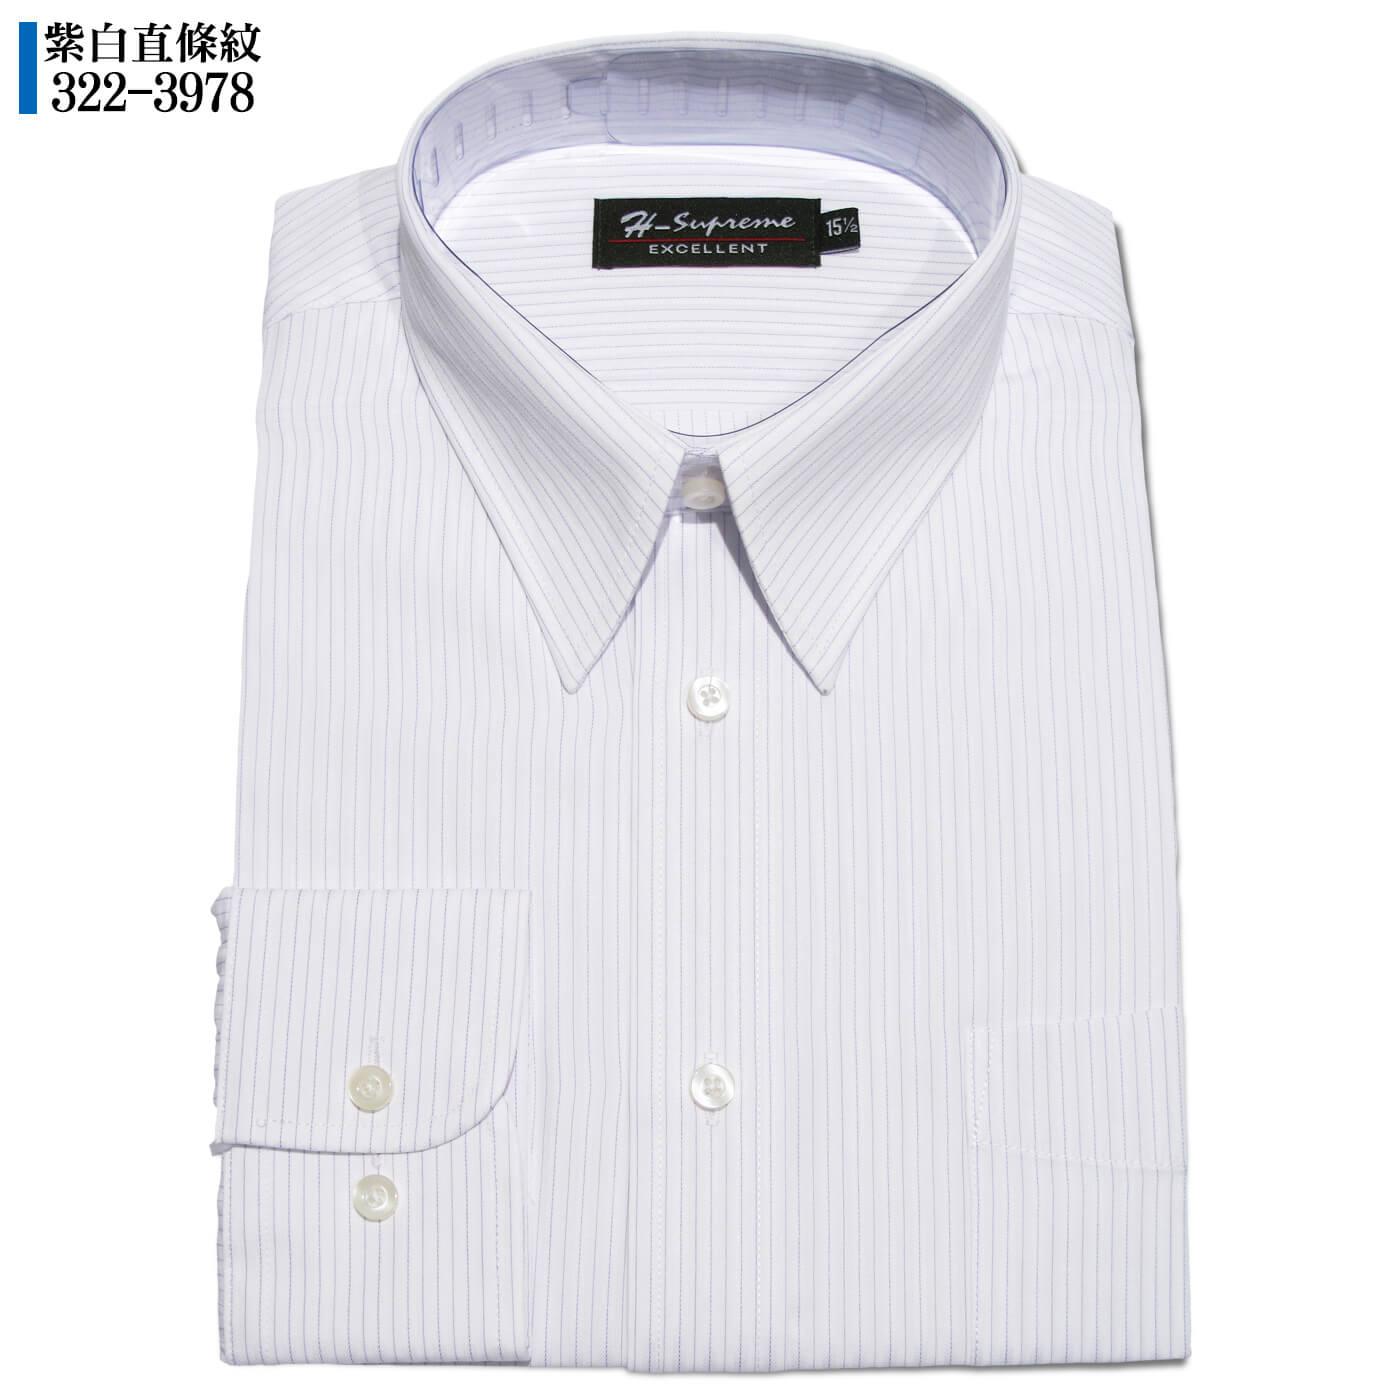 腰身剪裁防皺襯衫 吸濕排汗機能布料直條紋襯衫 柔軟舒適標準襯衫 正式襯衫 保暖襯衫 面試襯衫 上班族襯衫 商務襯衫 長袖襯衫 (322-3971)白色條紋、(322-3972)藍白條紋、(322-3976)藍點條紋、(322-3978)紫白條紋 領圍:15~18英吋 [實體店面保障] sun-e322 8